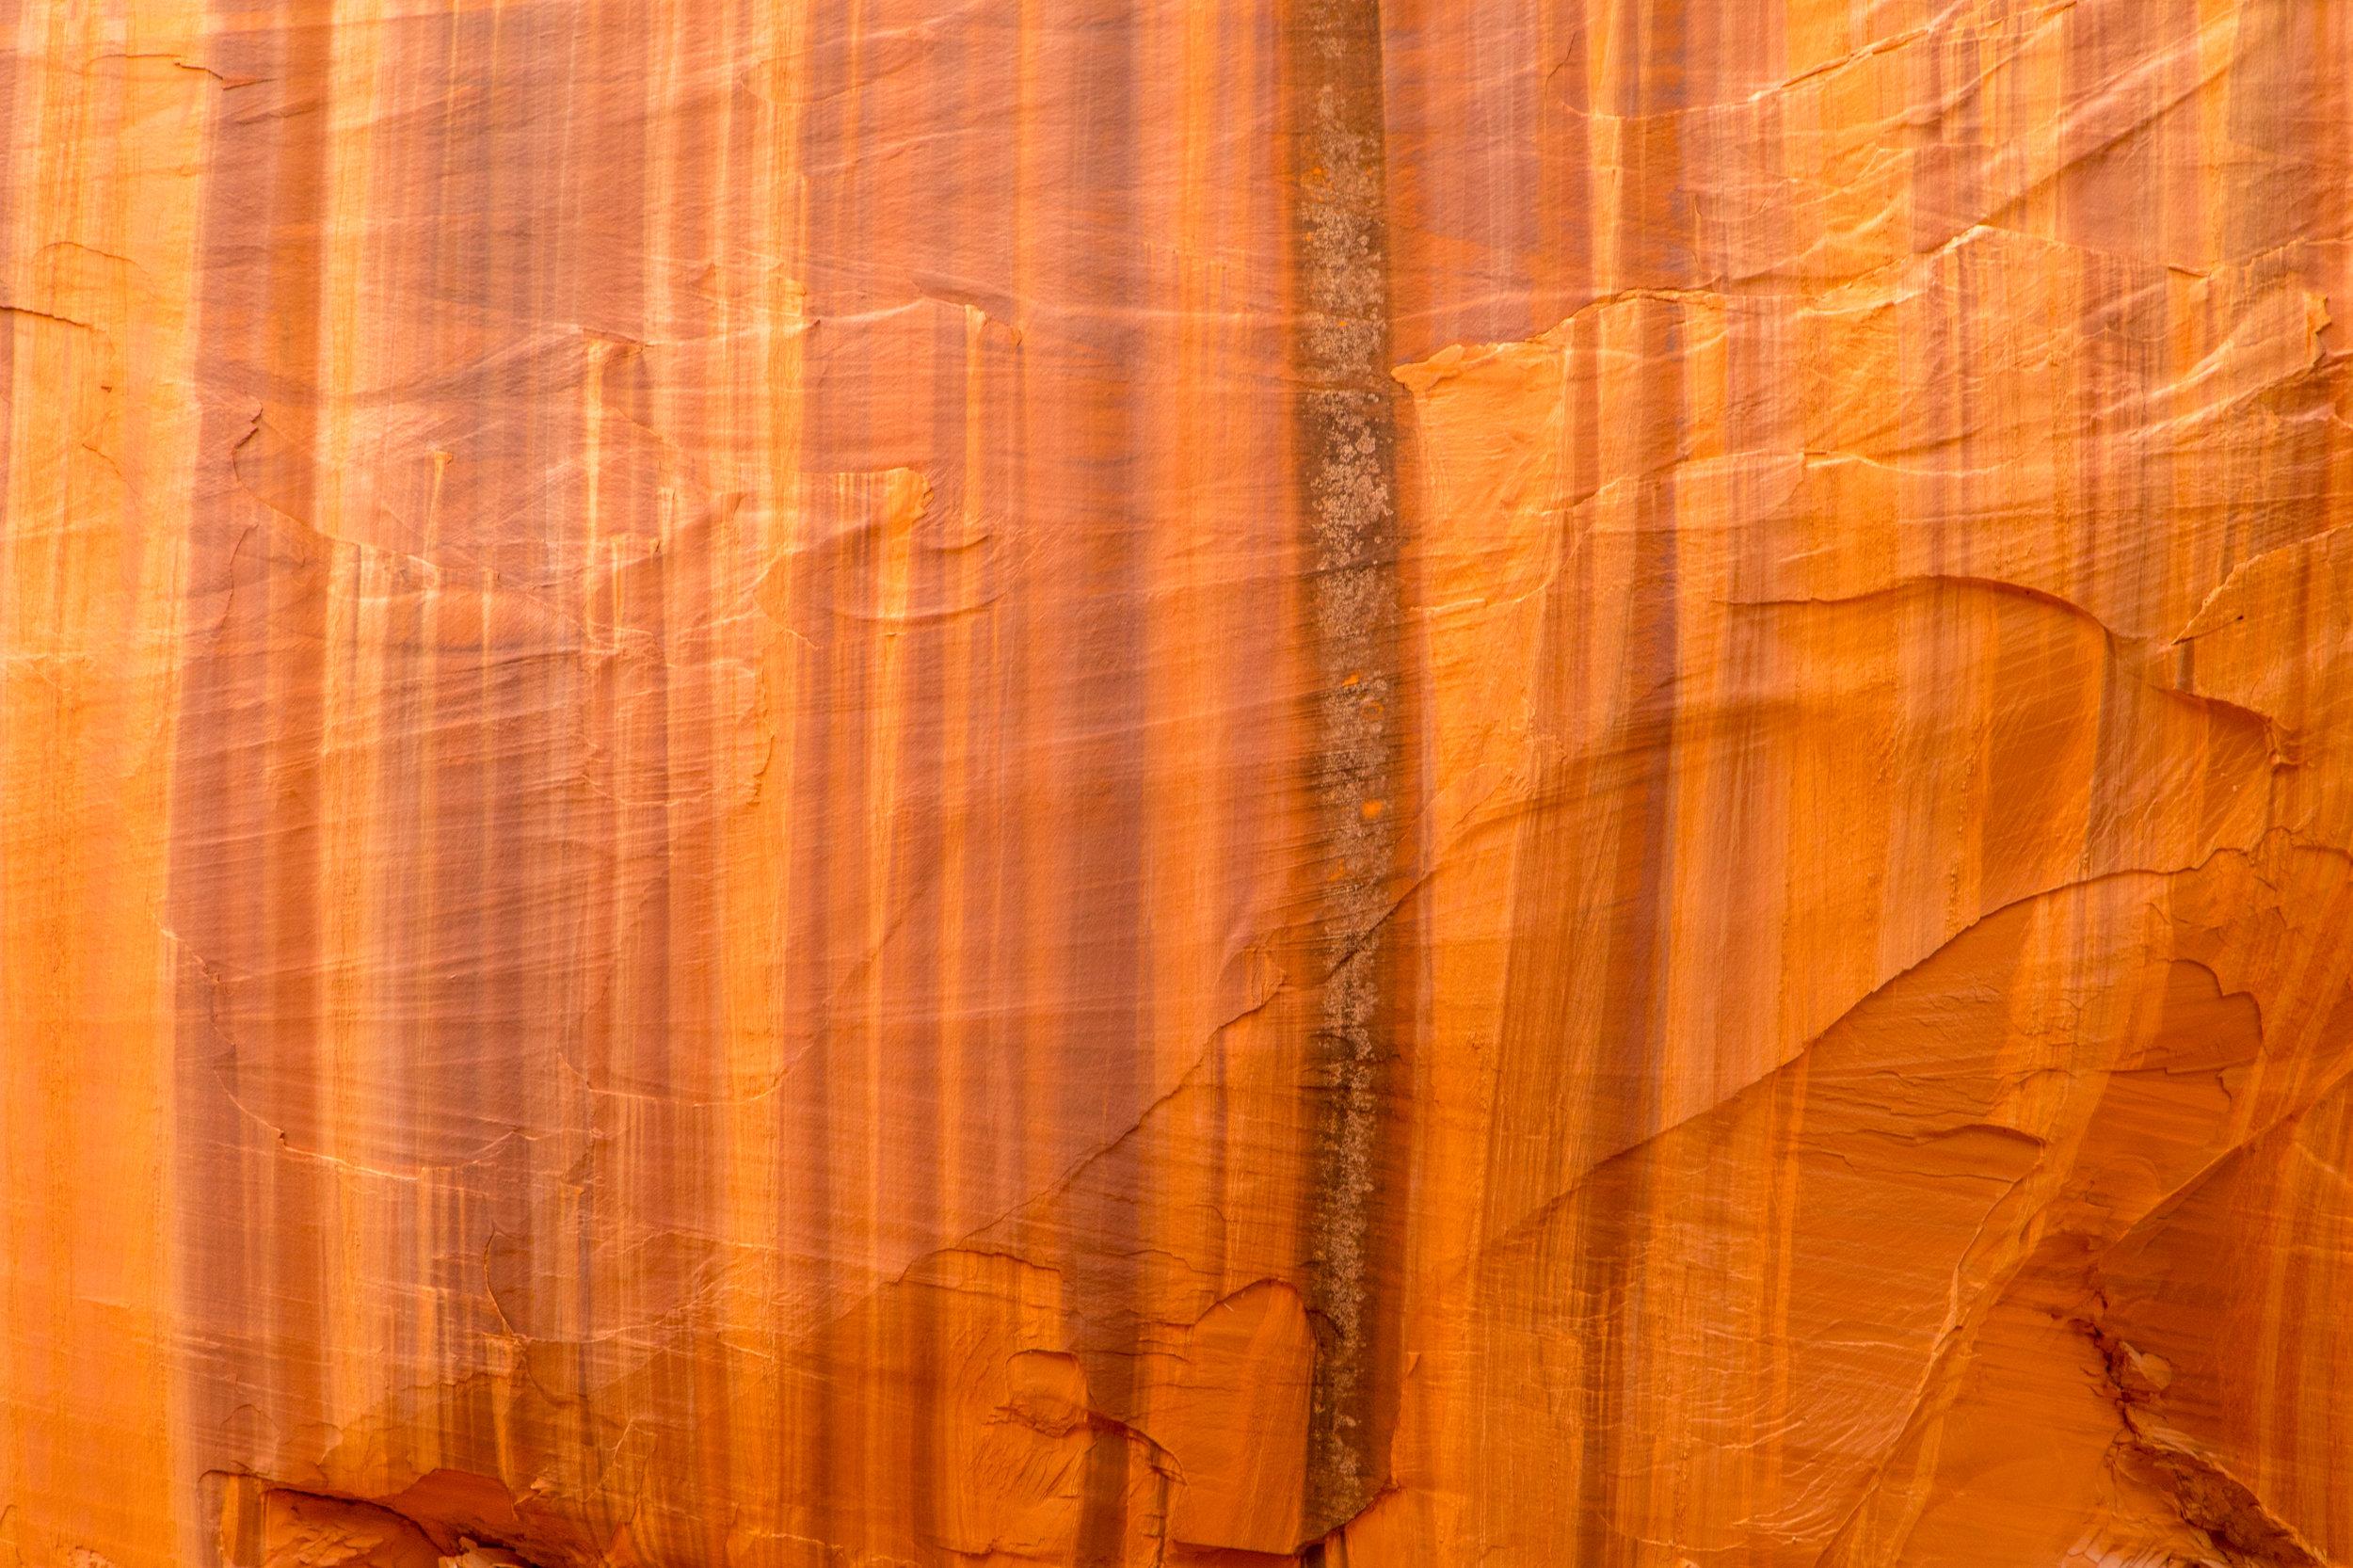 Burr Trail, Image # 4197